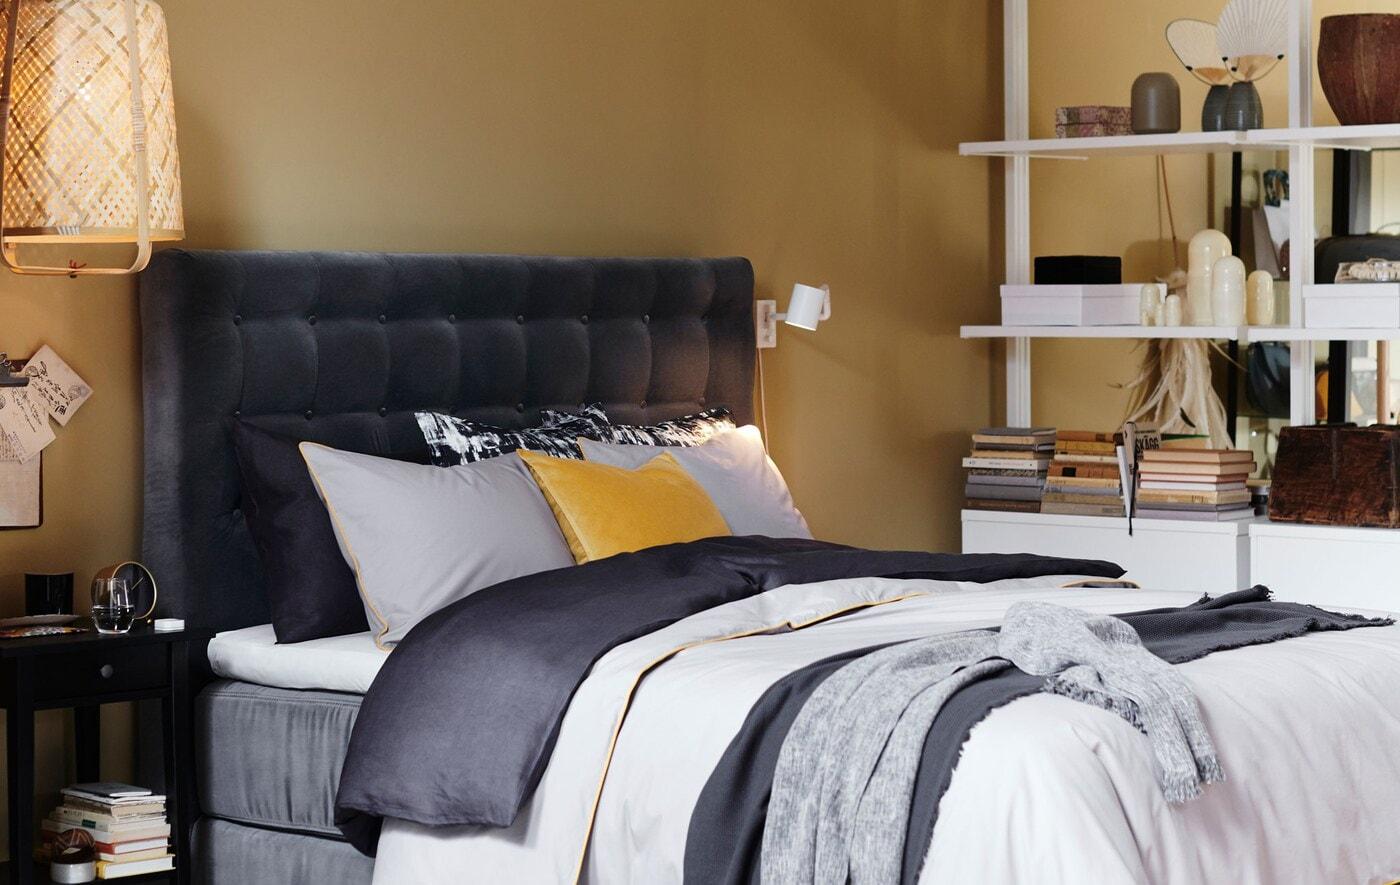 Lien vers le blogue IDÉES 'Les joies de la simplicité volontaire' - photo d'un lit et d'une tête de lit matelassée en velours gris.